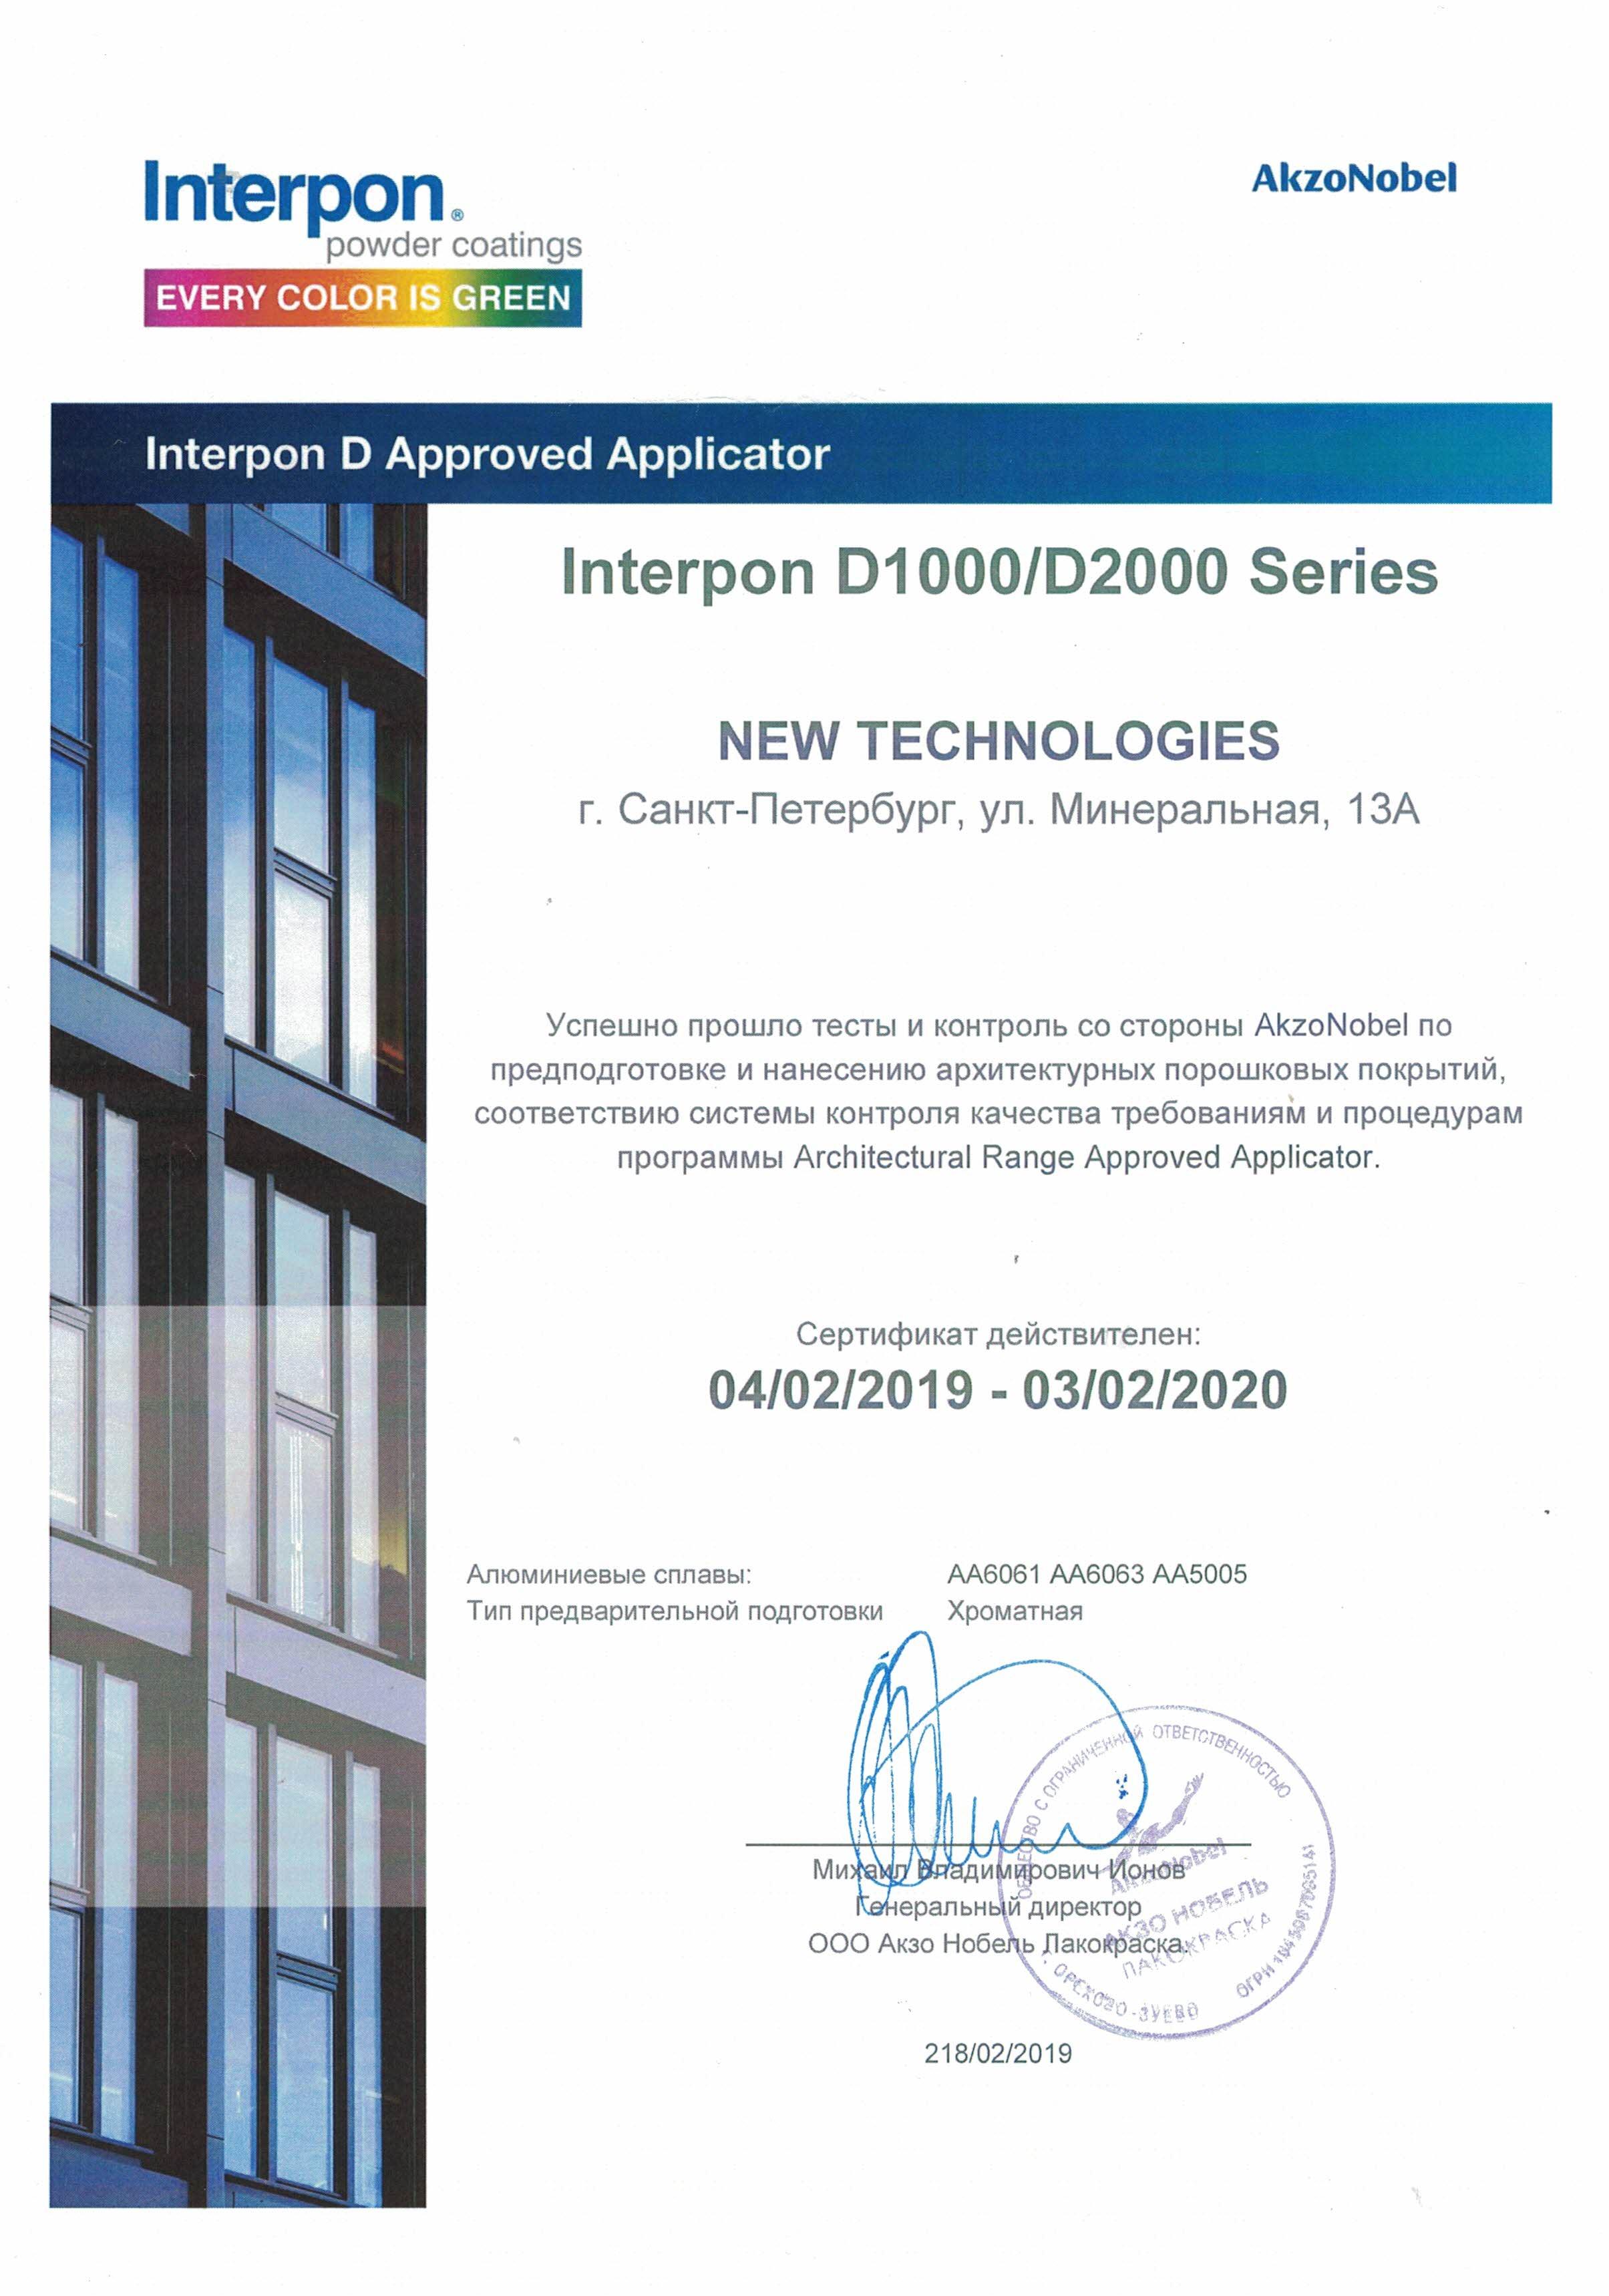 Сертификат AkzoNobel